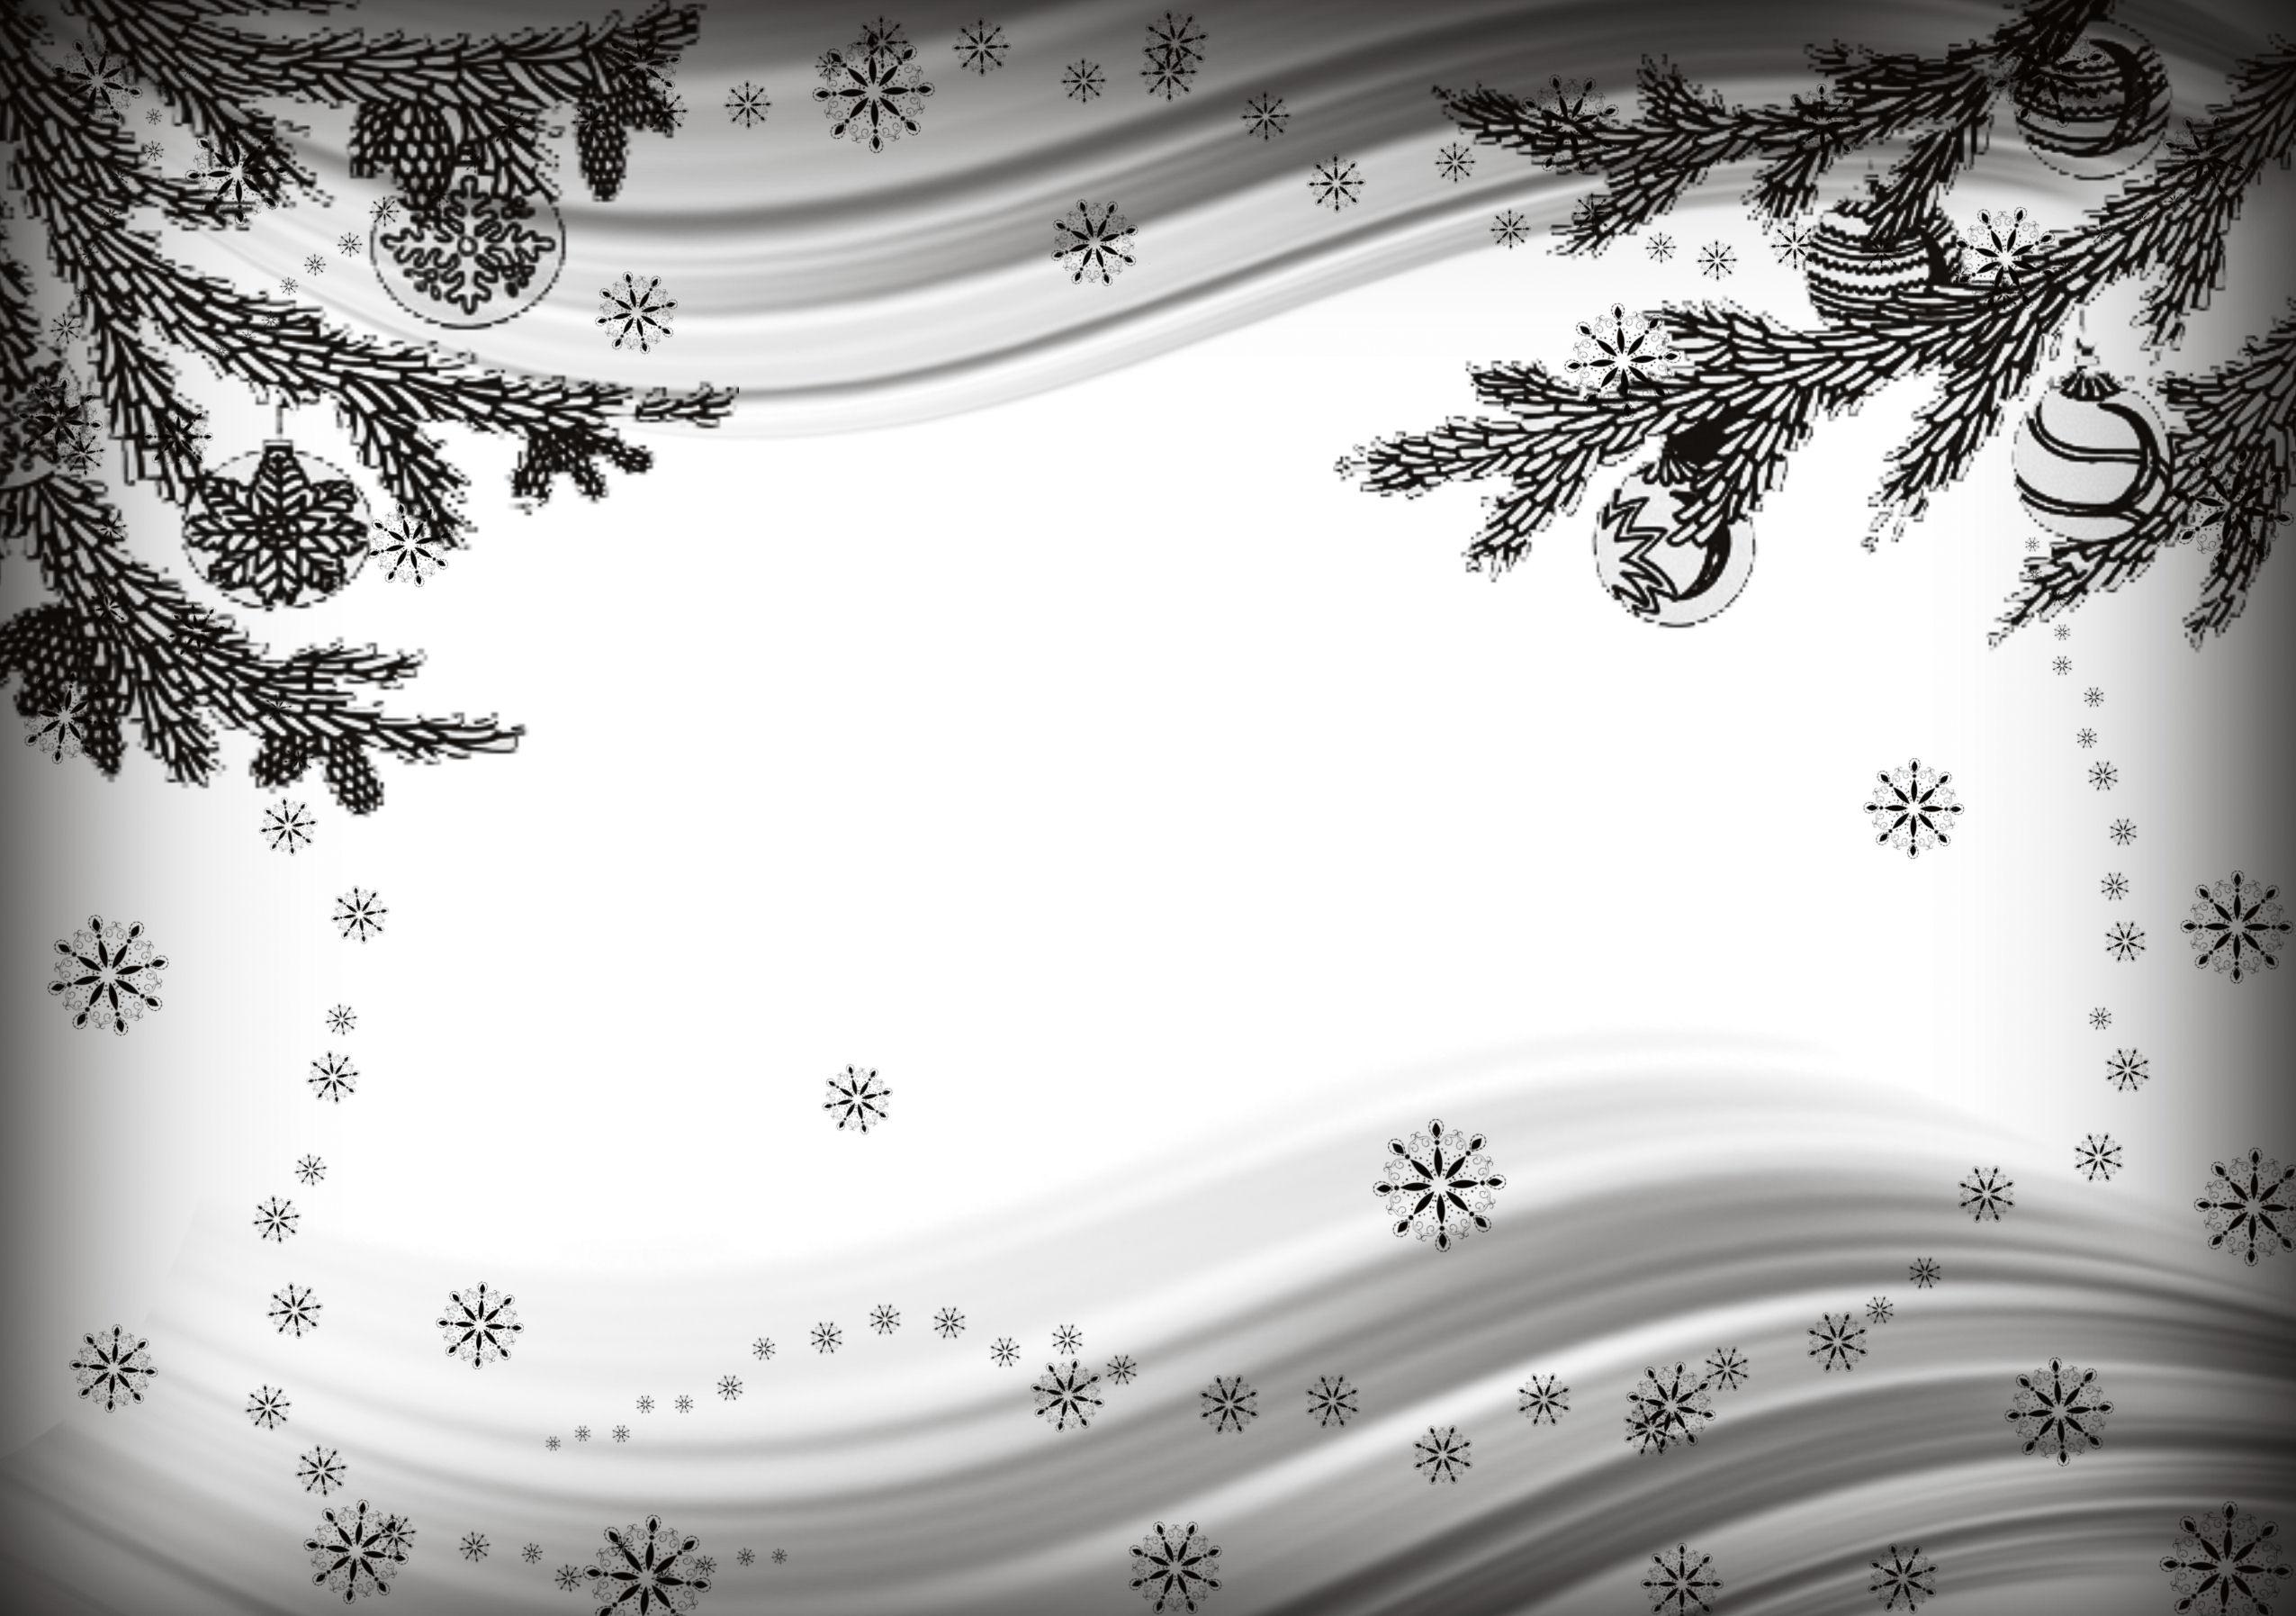 Новогодний фон для открытки черно-белый